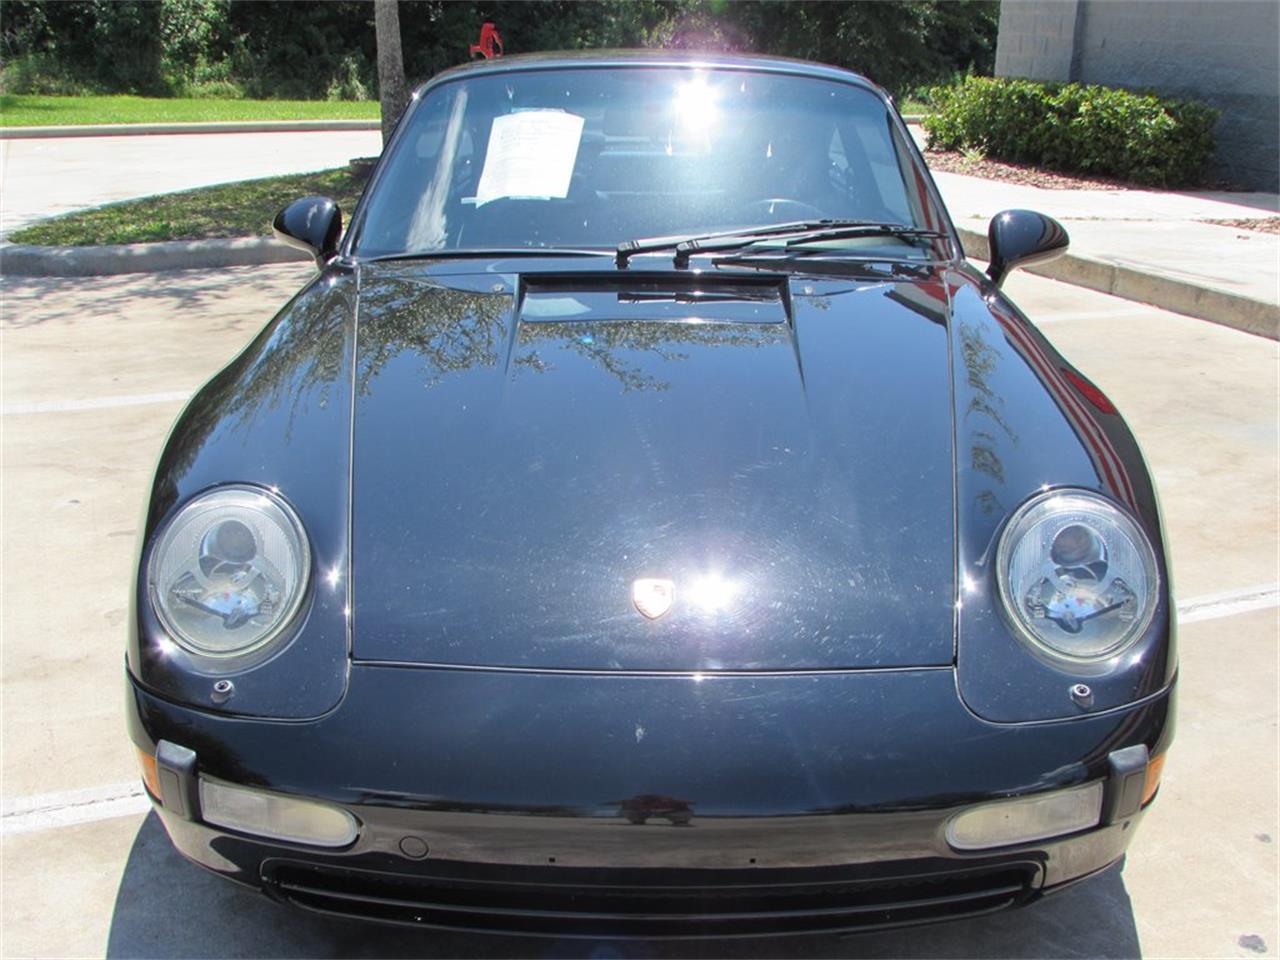 Large Picture of 1996 Porsche 911 Carrera located in Orlando Florida - $69,999.00 - Q47E